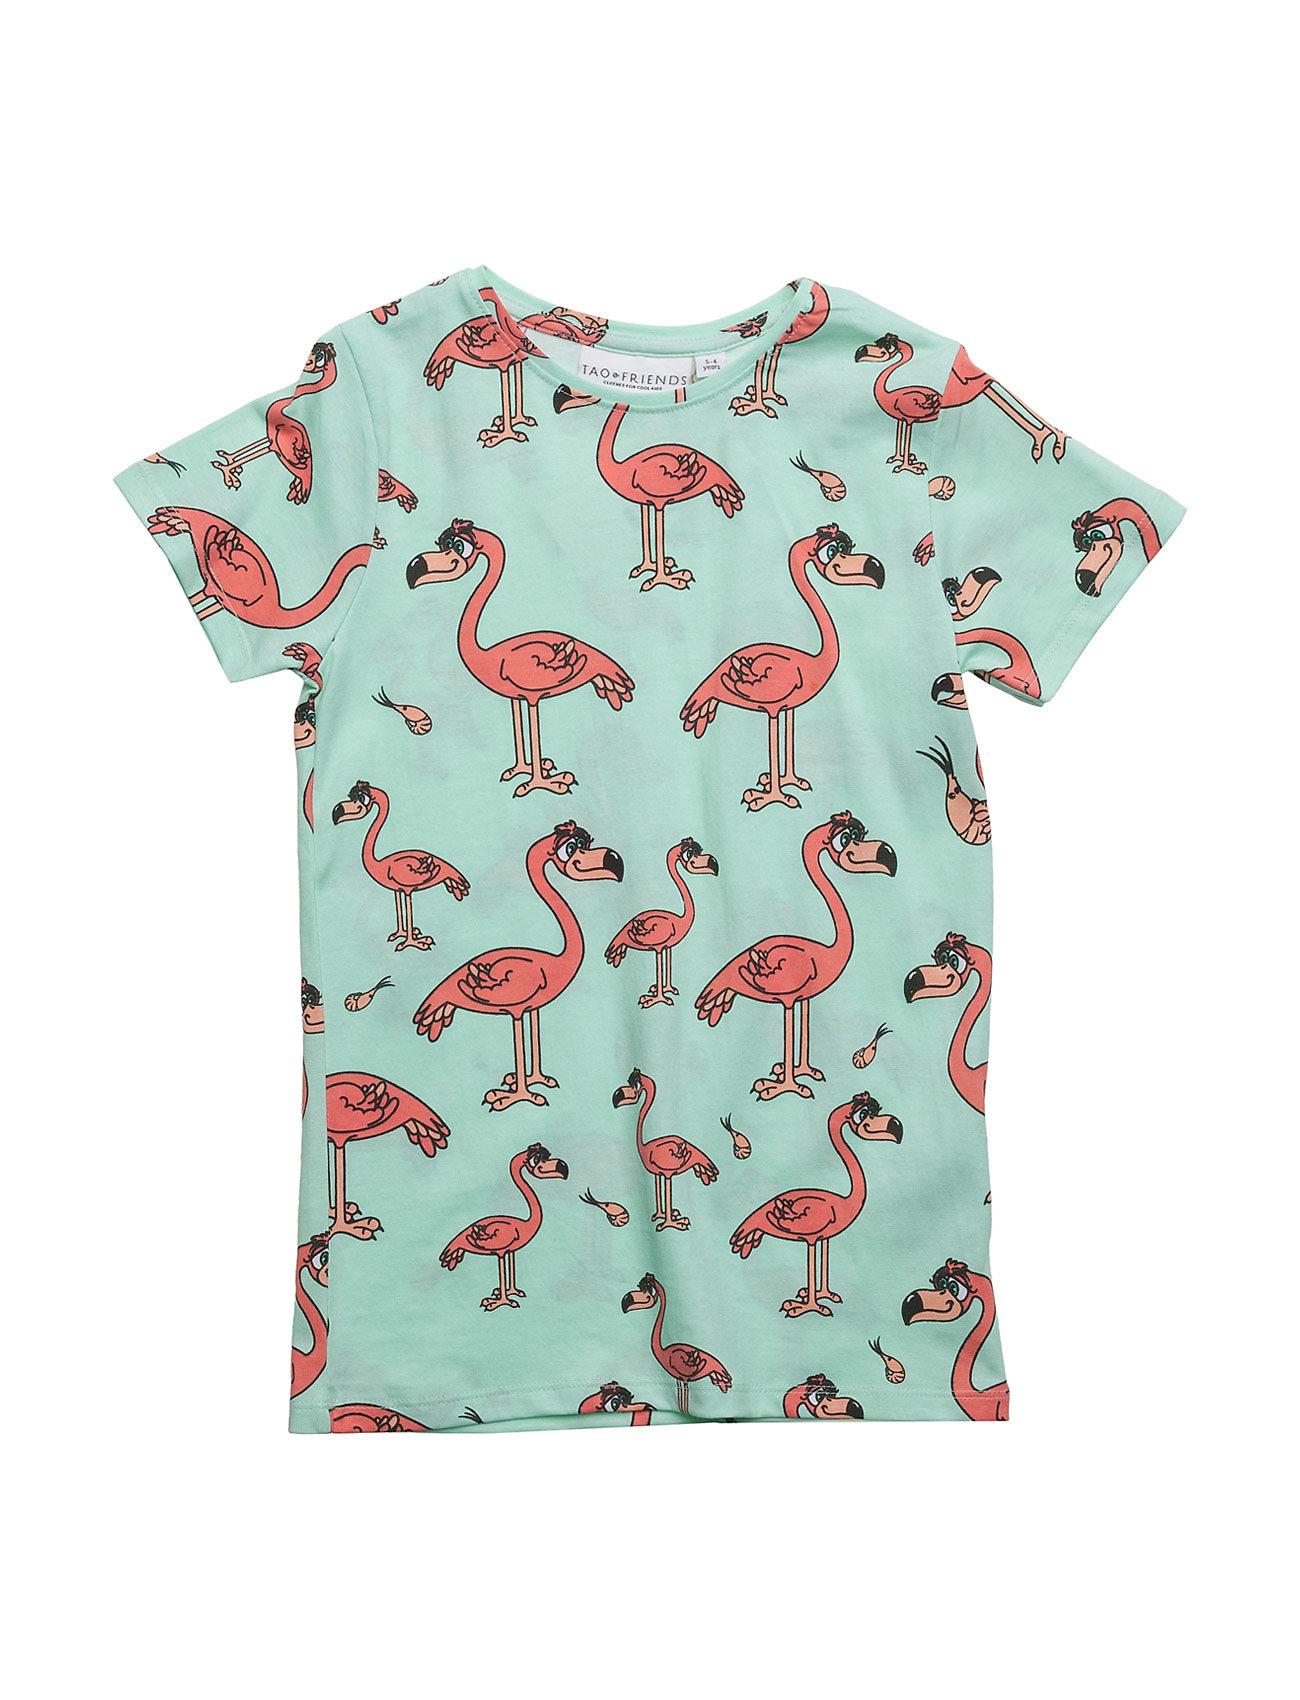 Tee flamingon multi-animal mint fra tao & friends fra boozt.com dk